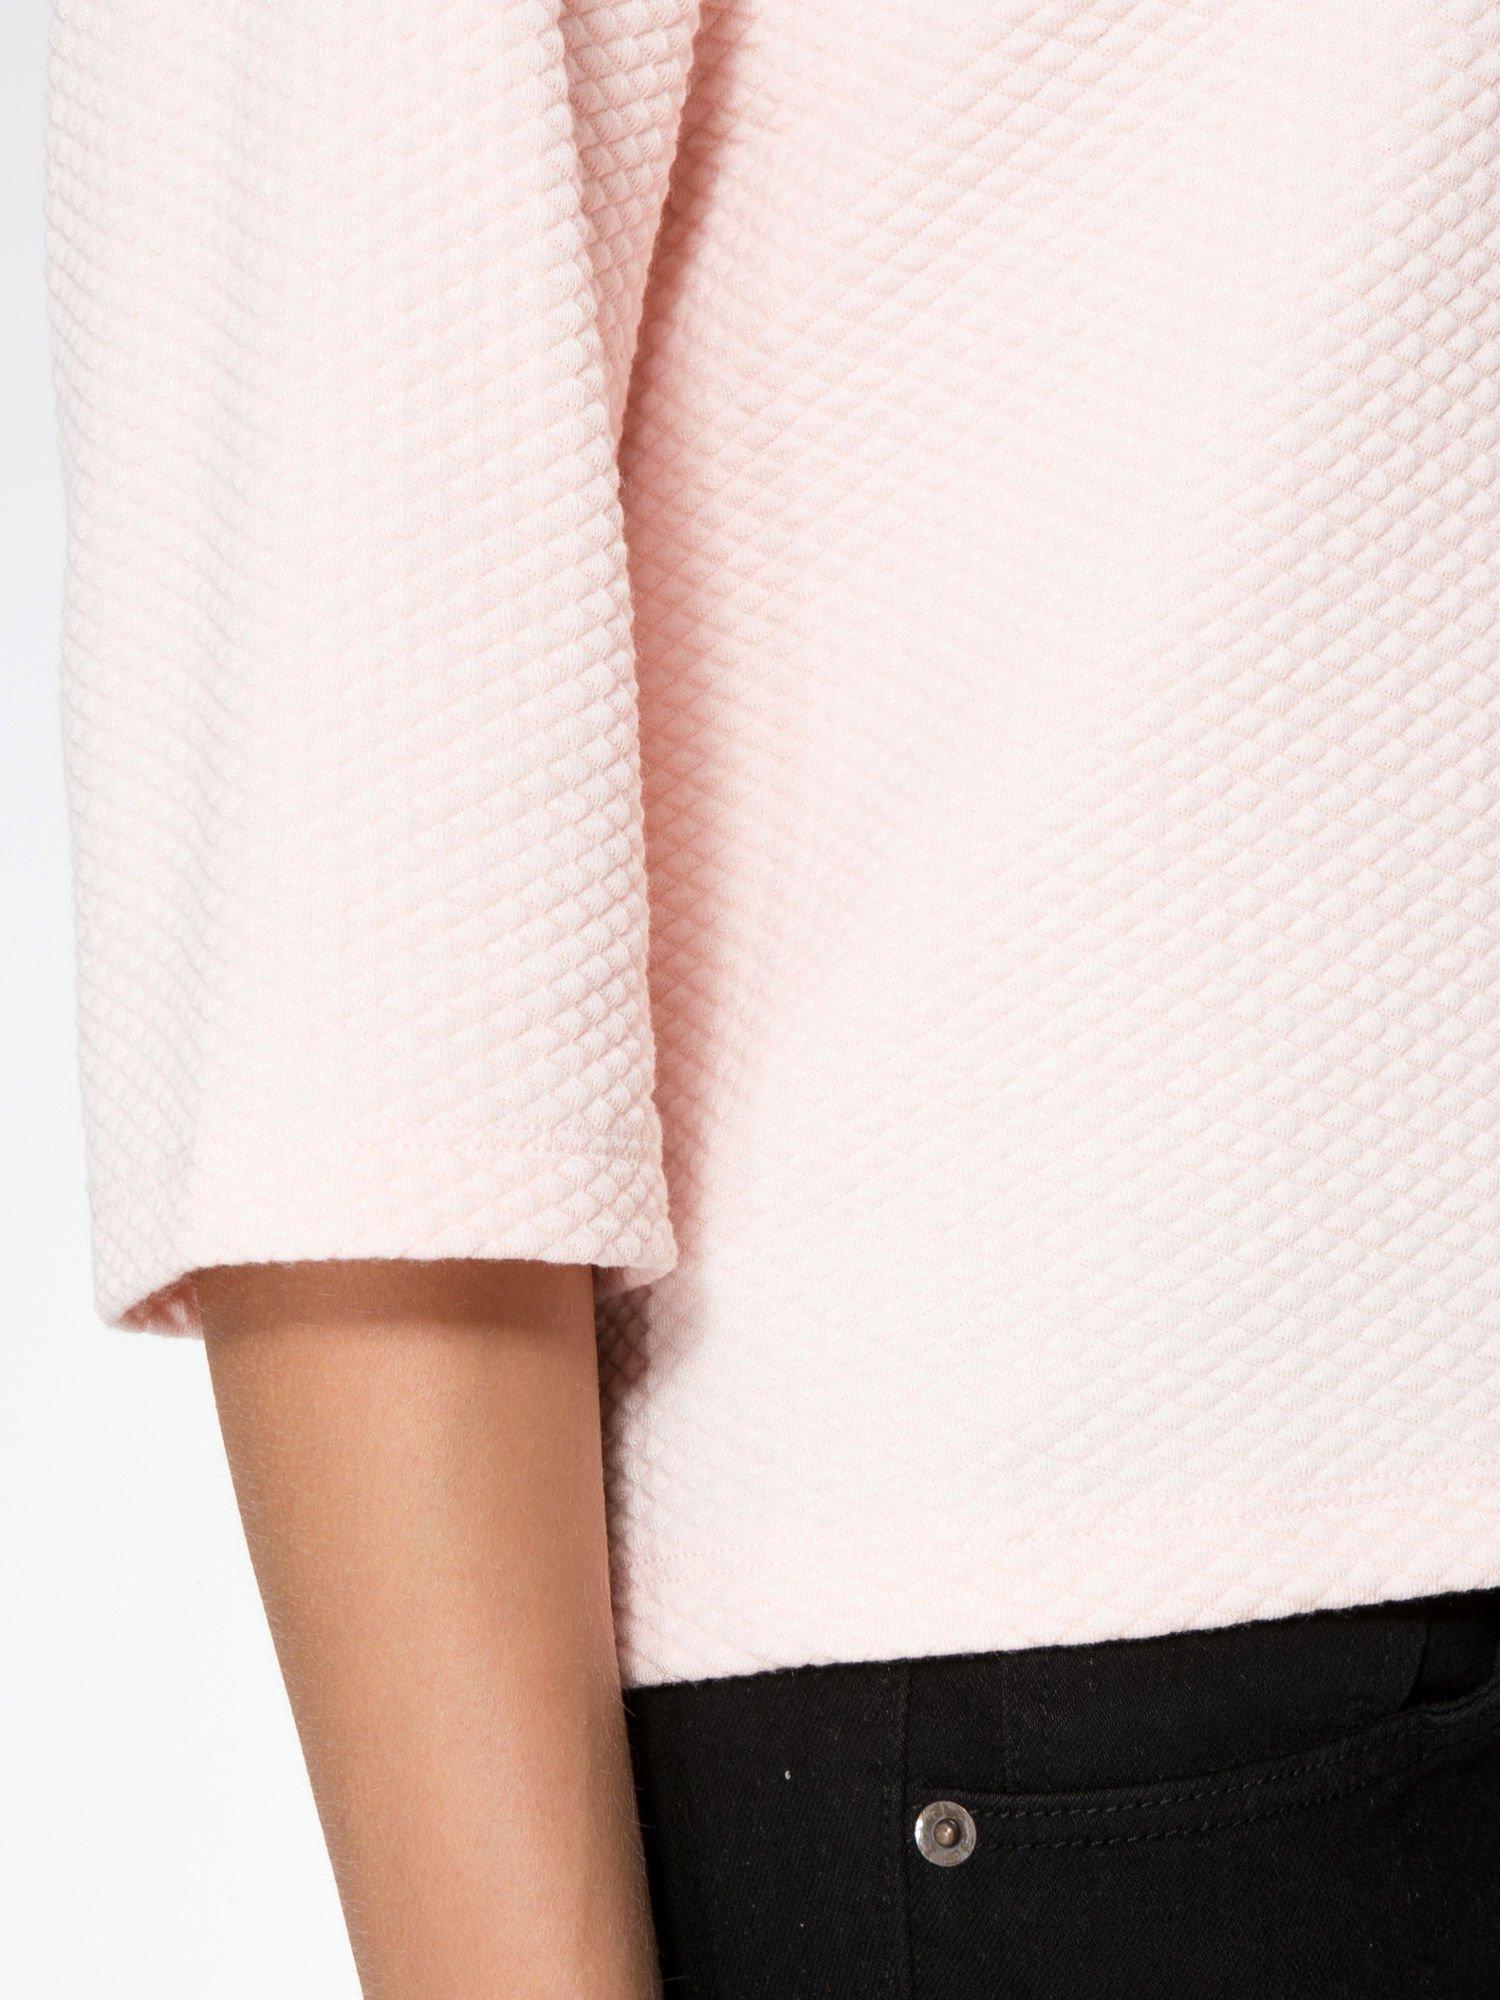 Różowa fakturowana bluzka z kimonowym rękawem długości 3/4                                  zdj.                                  5